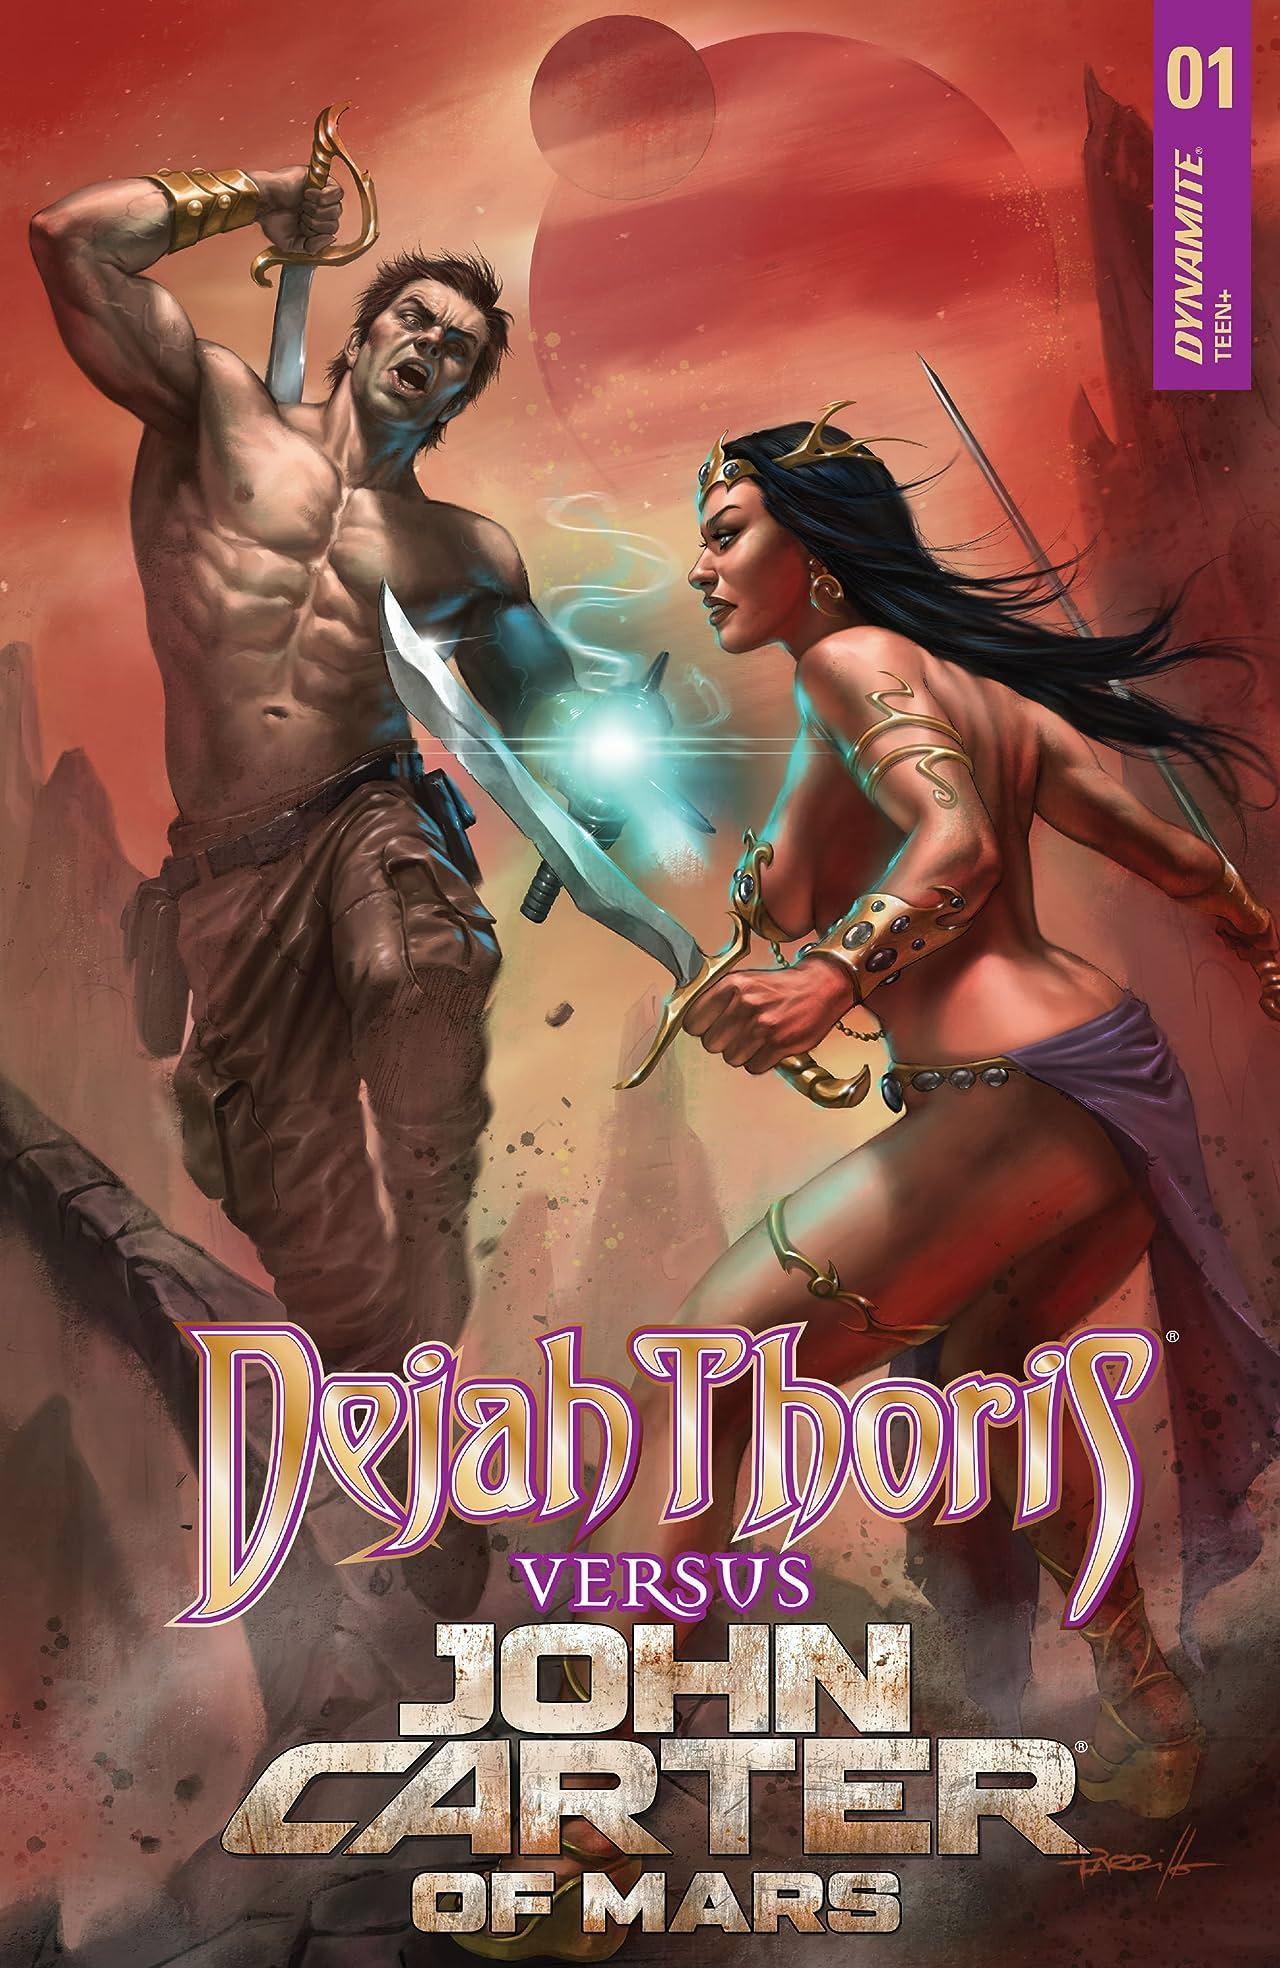 Dejah Thoris vs. John Carter of Mars #1